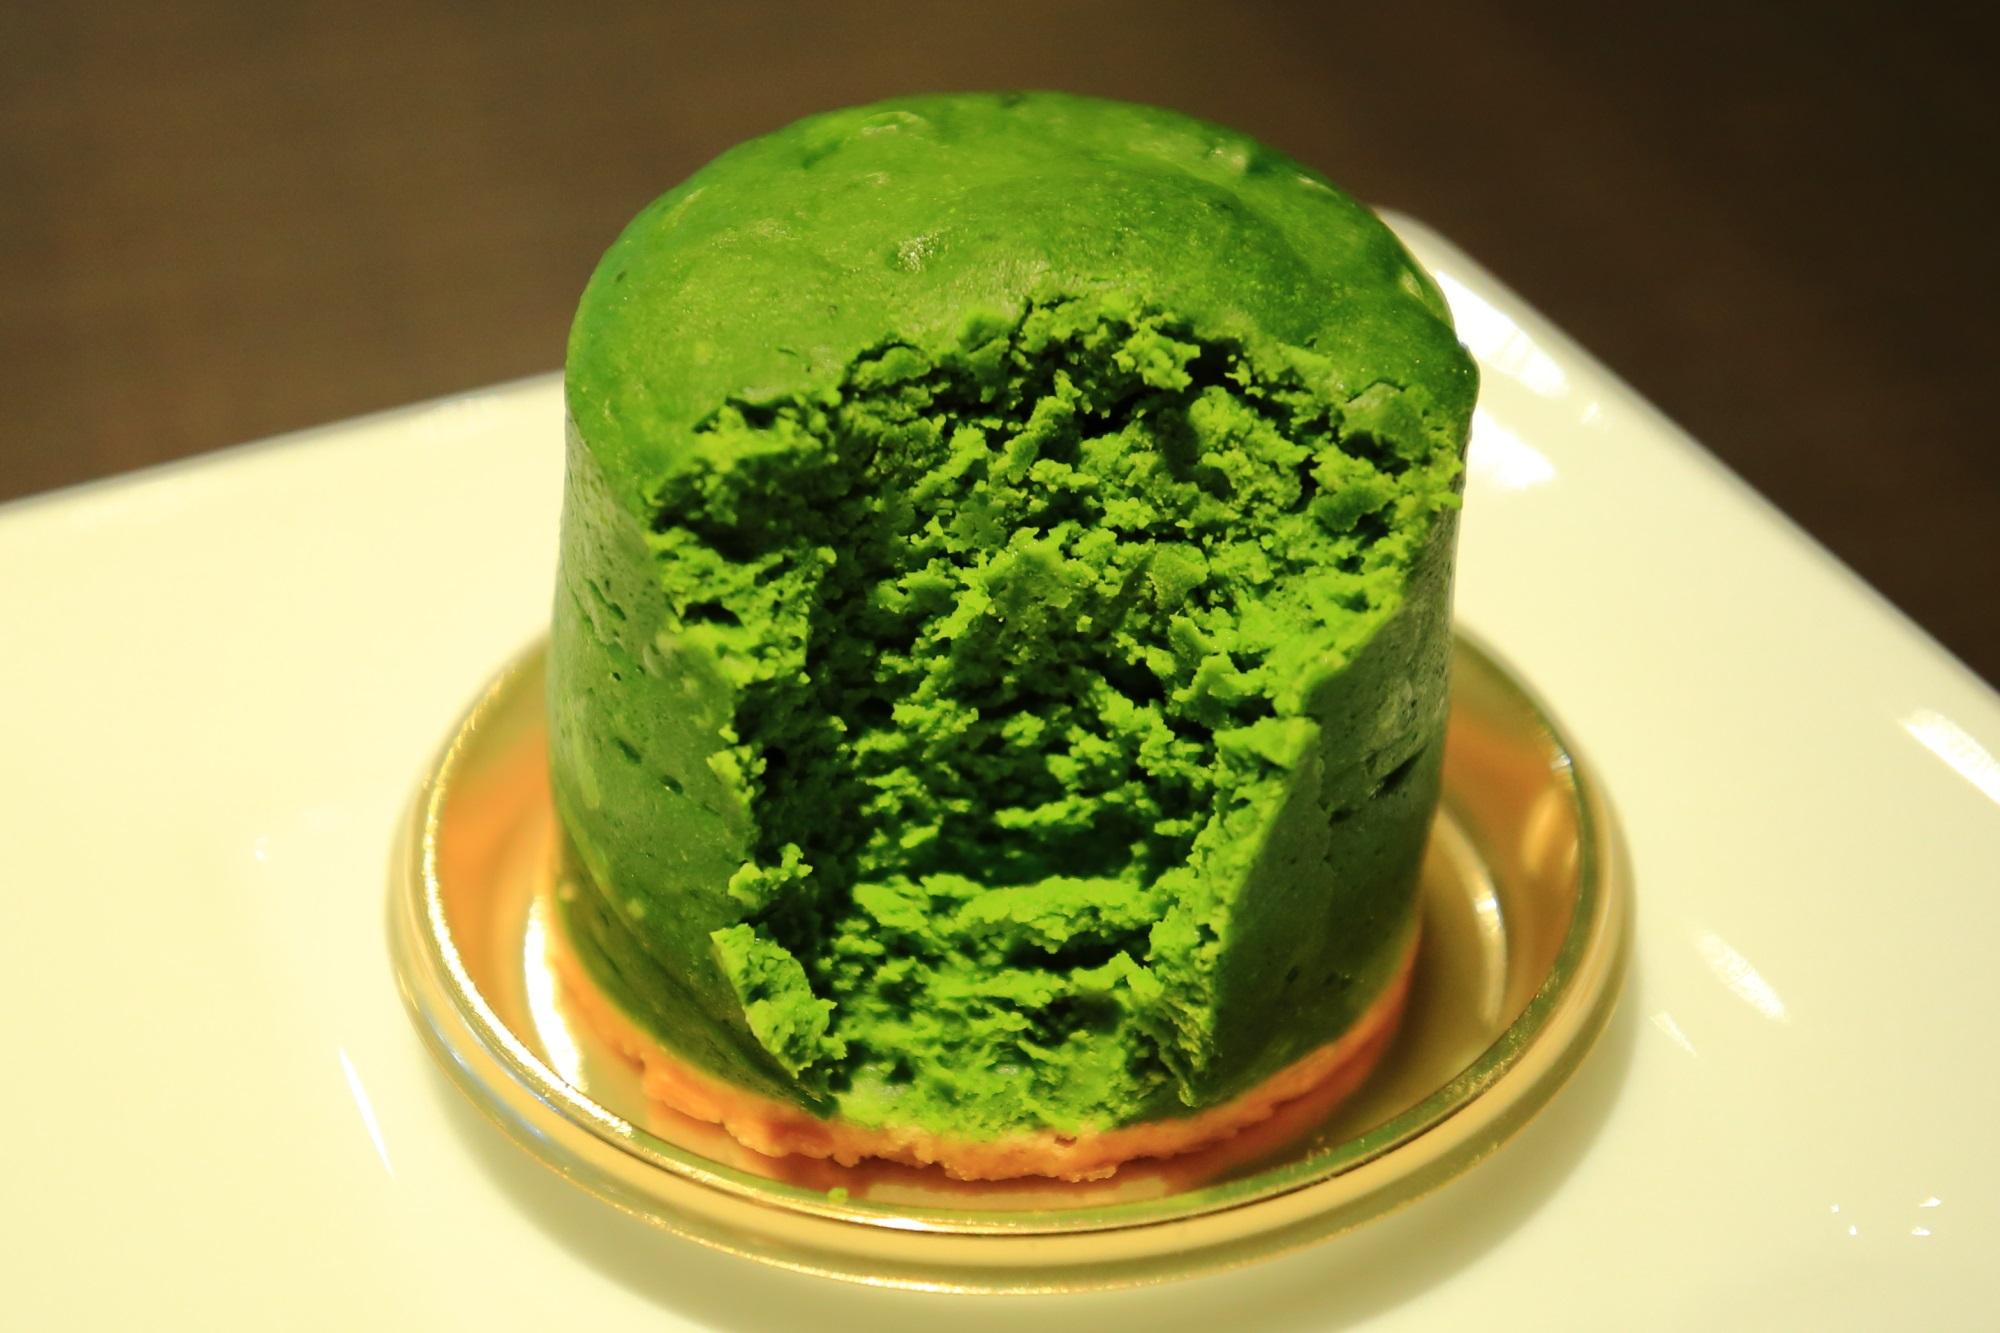 話題の甘味処の茶寮翠泉(さりょうすいせん)の美味しいお濃い抹茶チーズケーキ